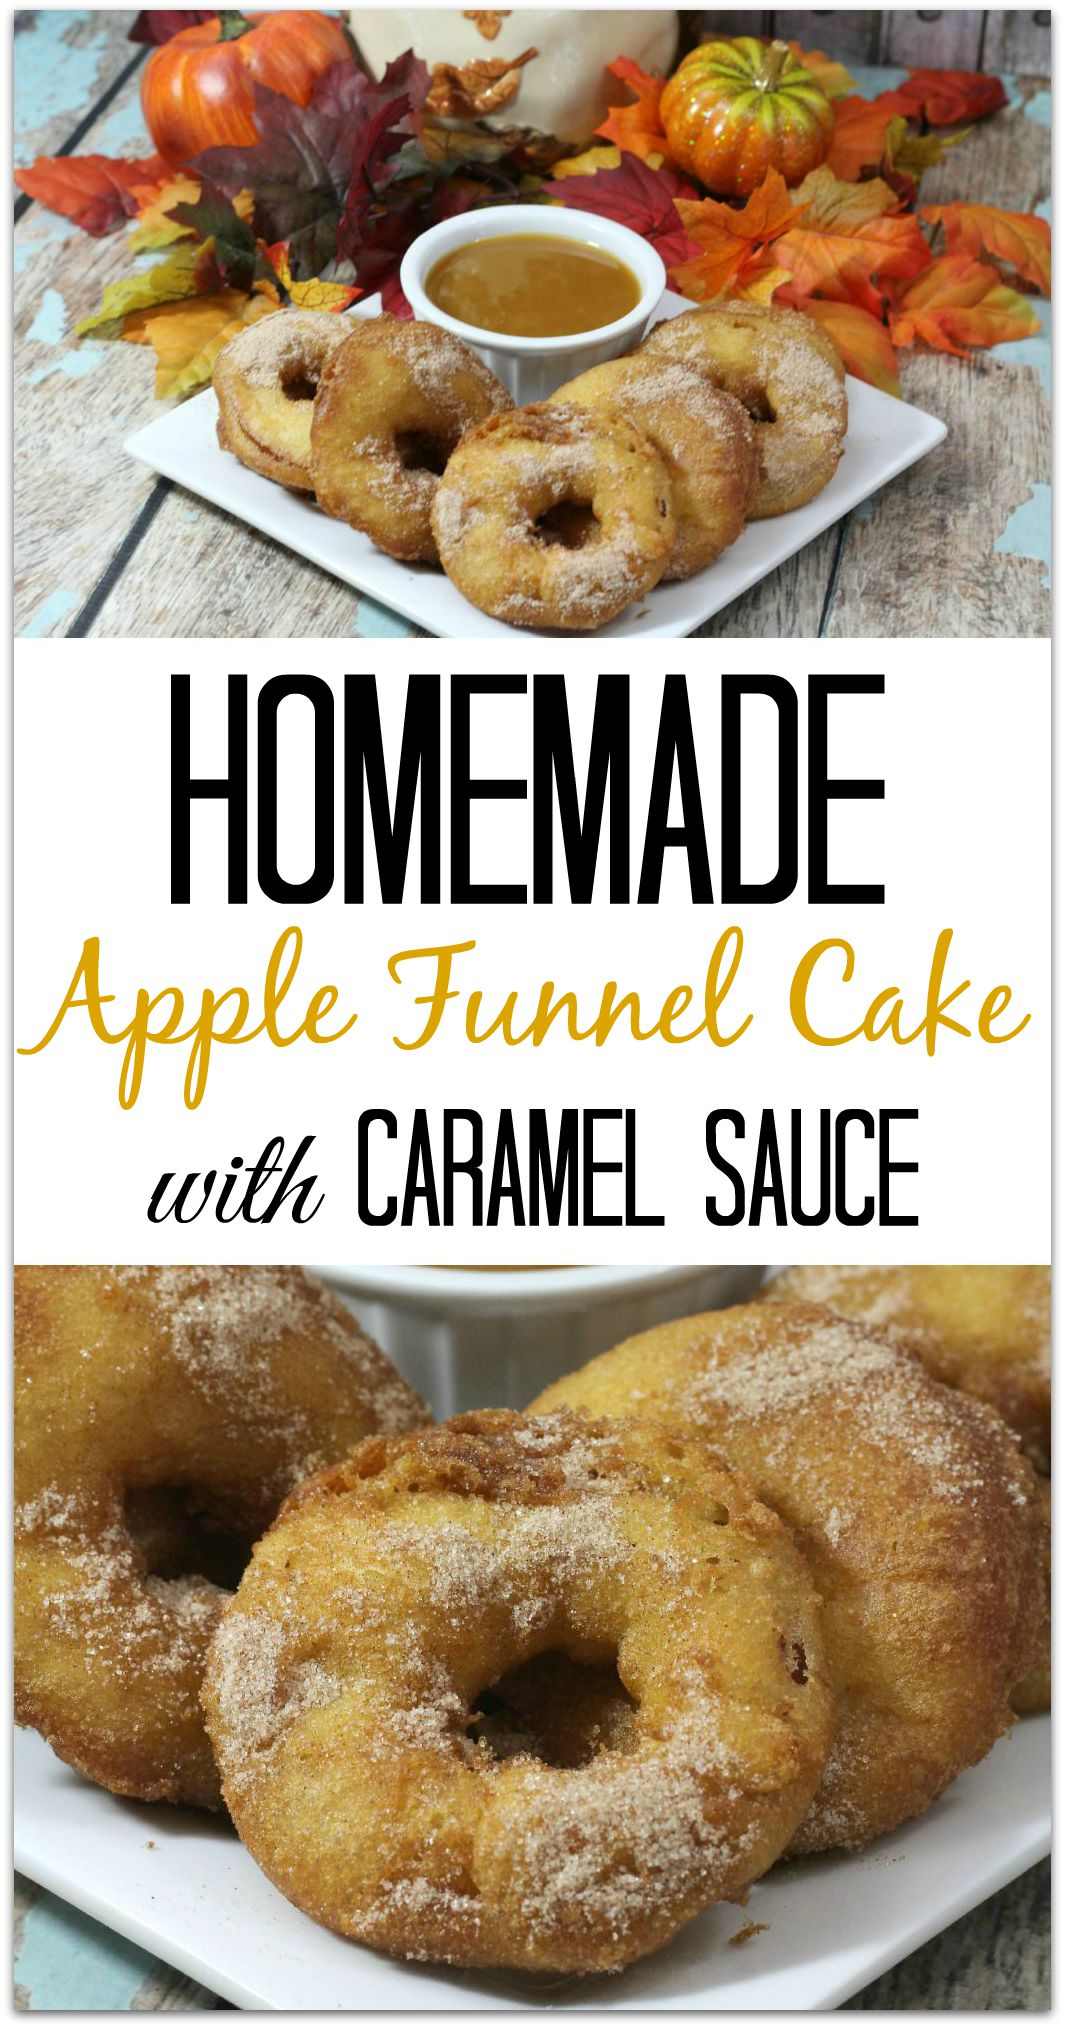 Homemade apple funnel cake